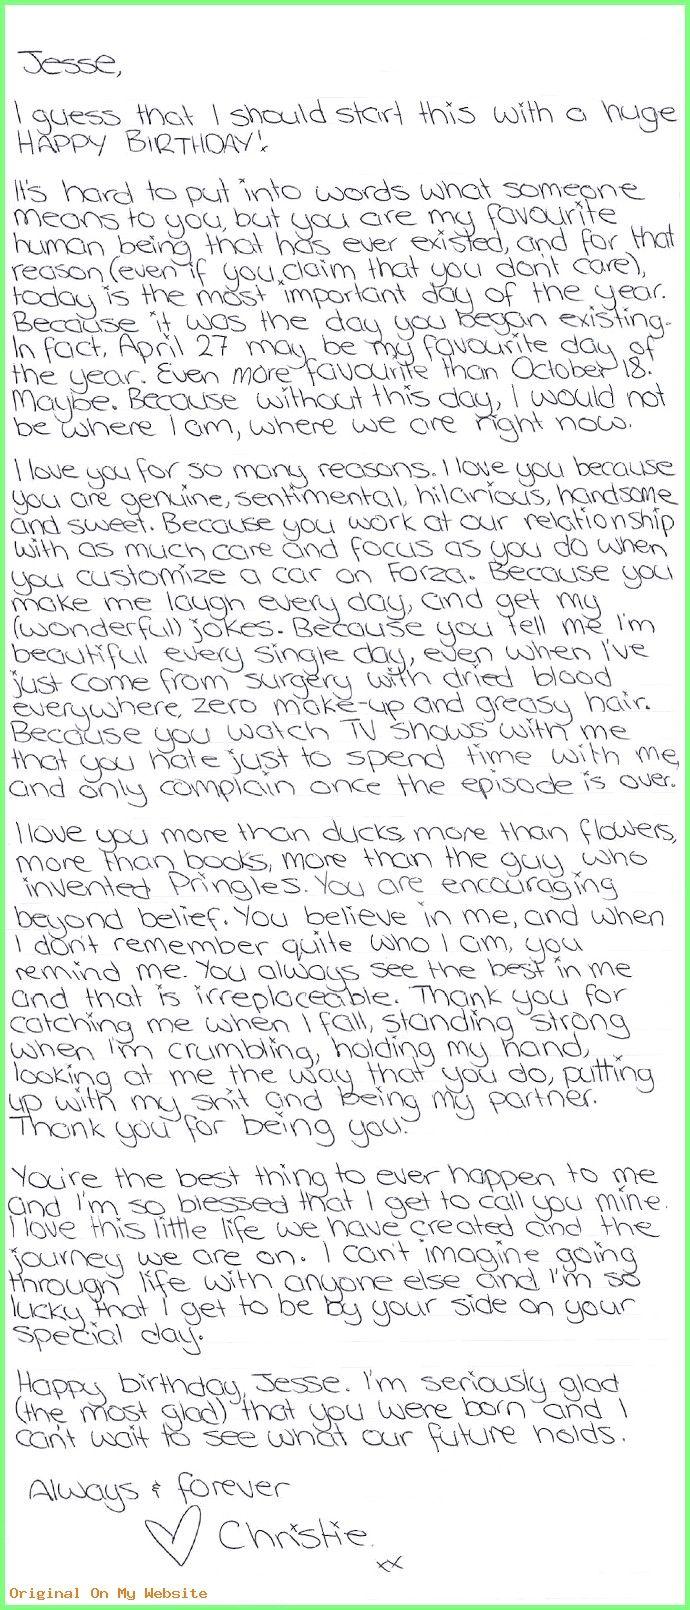 Idee Cadeau Anniversaire 2019 Lifestyle A Letter To My Boyfriend On His Birthday Birthday Boyfriend Le Monde Du Cadeau Birthday Letters To Boyfriend Letters To Boyfriend Letter To My Boyfriend